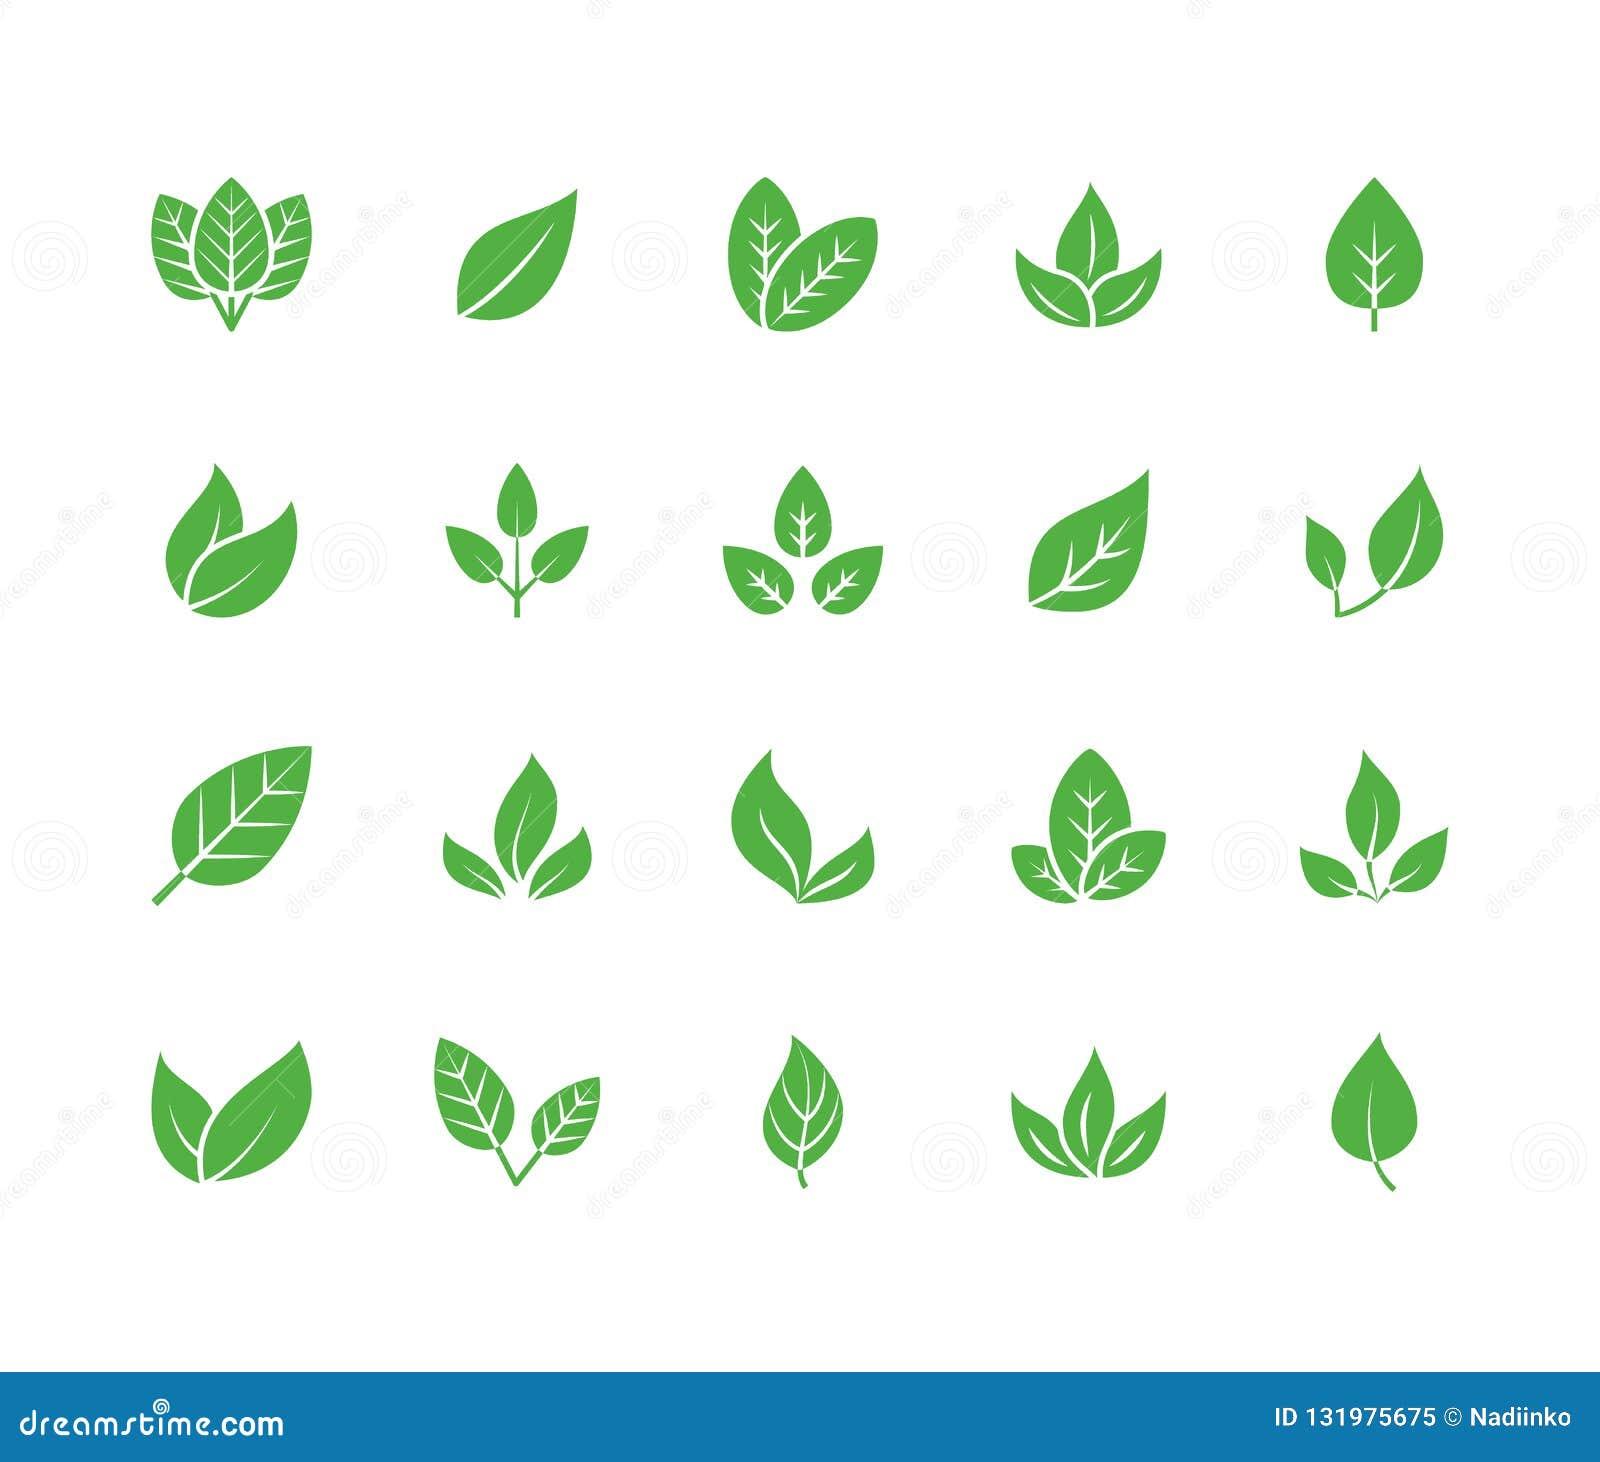 Liścia glifu płaskie ikony Roślina, drzewo opuszcza ilustracje Znaki żywność organiczna, naturalny materiał, życiorys składnik, e